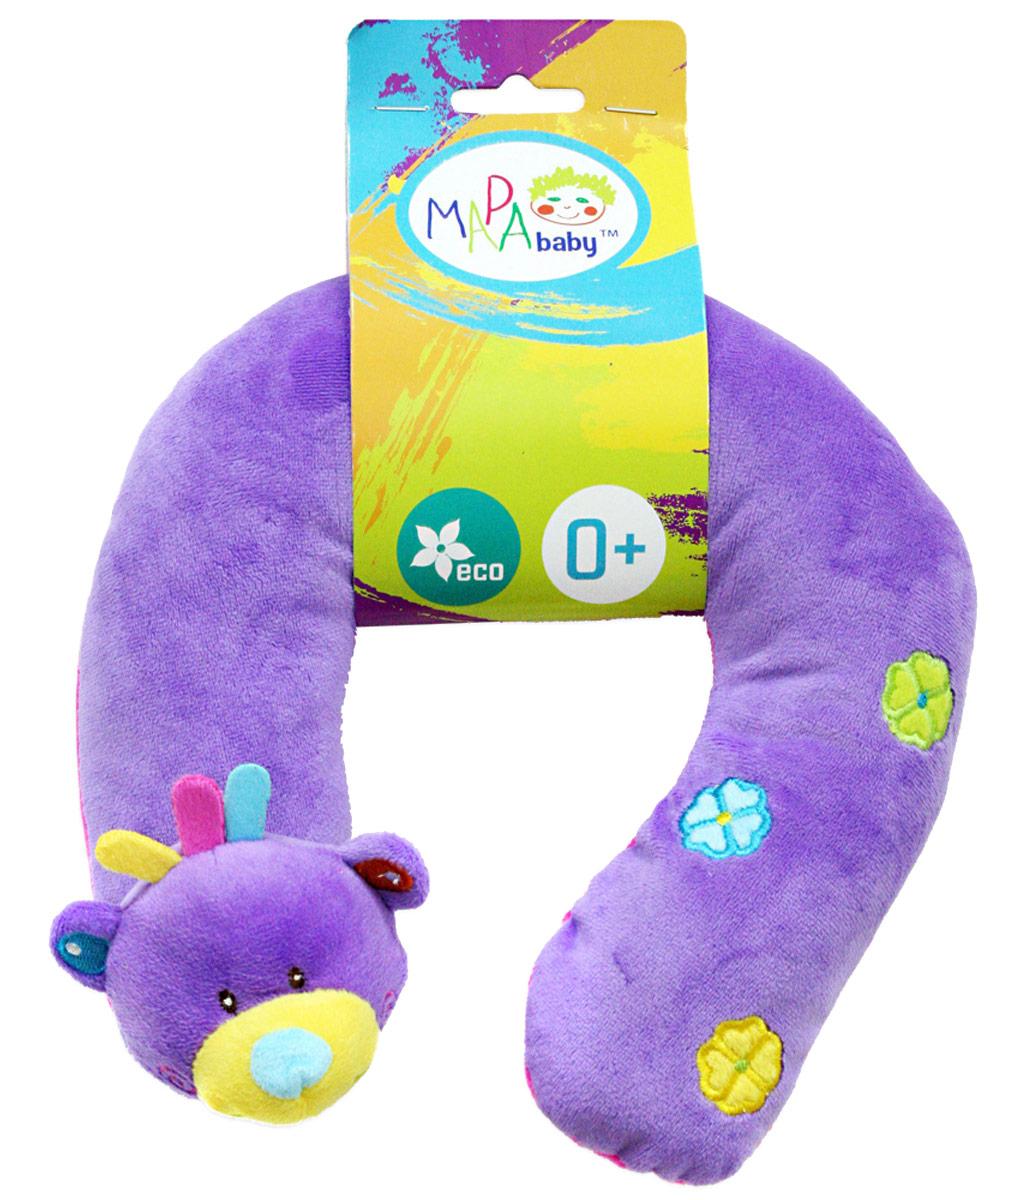 Mara Baby Развивающая игрушка Мишка 2583225832Развивающие игрушки учат малыша взаимодействовать с окружающим миром, знакомят со свойствами разных предметов, помогают развивать основные рефлексы (внимание, моторику рук, цветовое восприятие). Развивающую игрушку подушку Мишка можно надеть ребенку шею так ему будет удобнее спать, подушка снимаем напряжение на шею. Так же в игрушке есть погремушка. Игрушка привлекает внимание и способствует развитию слуха и зрения.